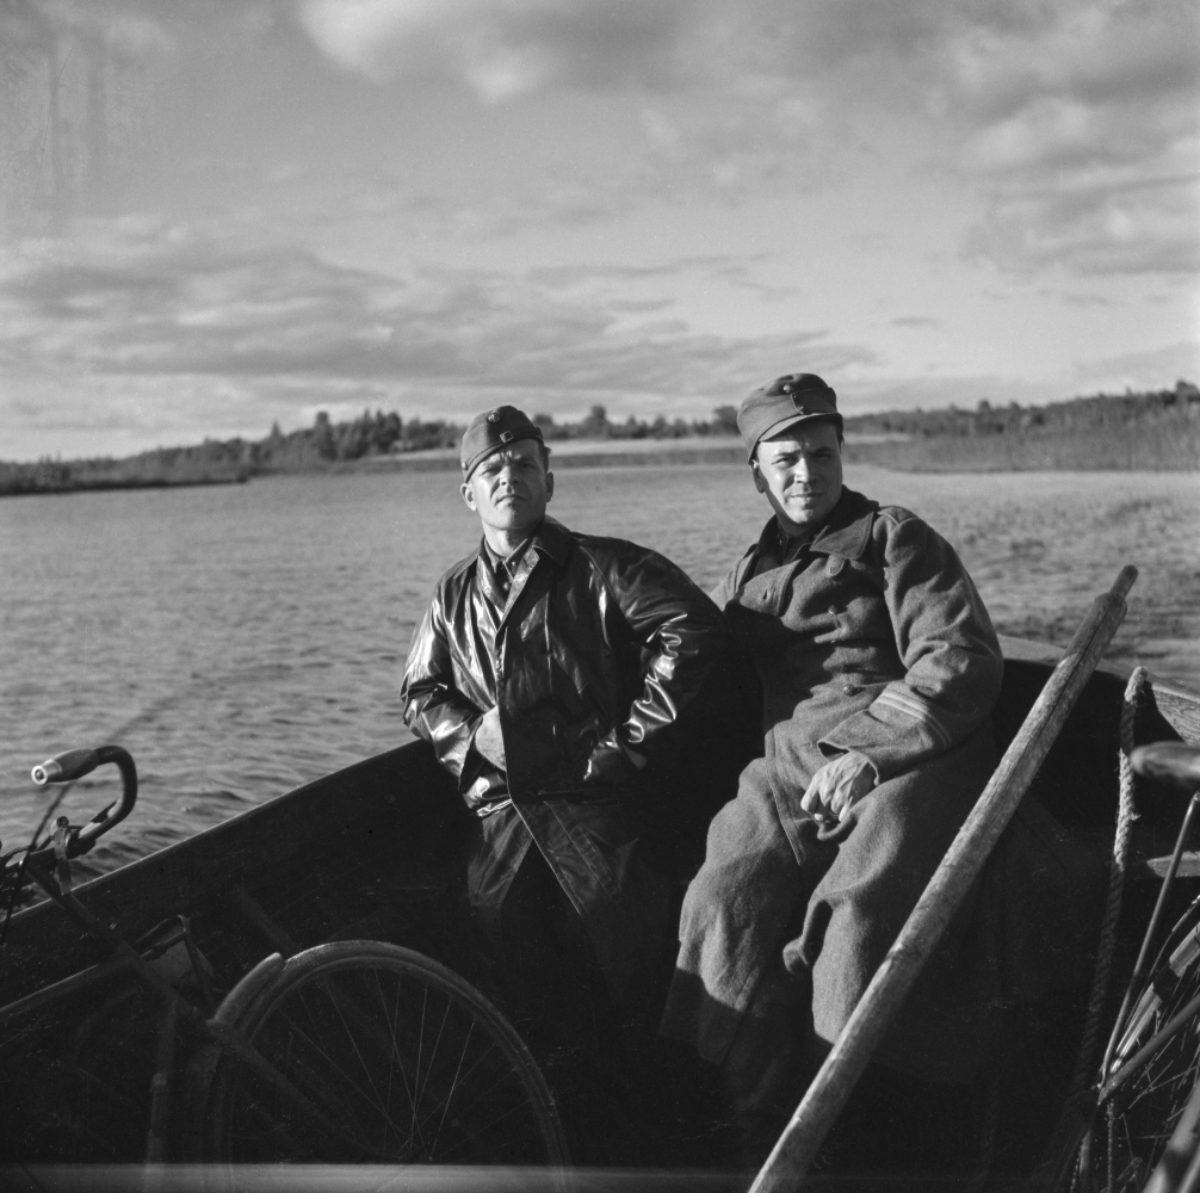 Författare Oiva Paloheimo (vän.) och löjtnant K. Nykänen i Östkarelen, 1942–1943. Foto: Eino Nikkilä / Museiverkets Bildsamlingar